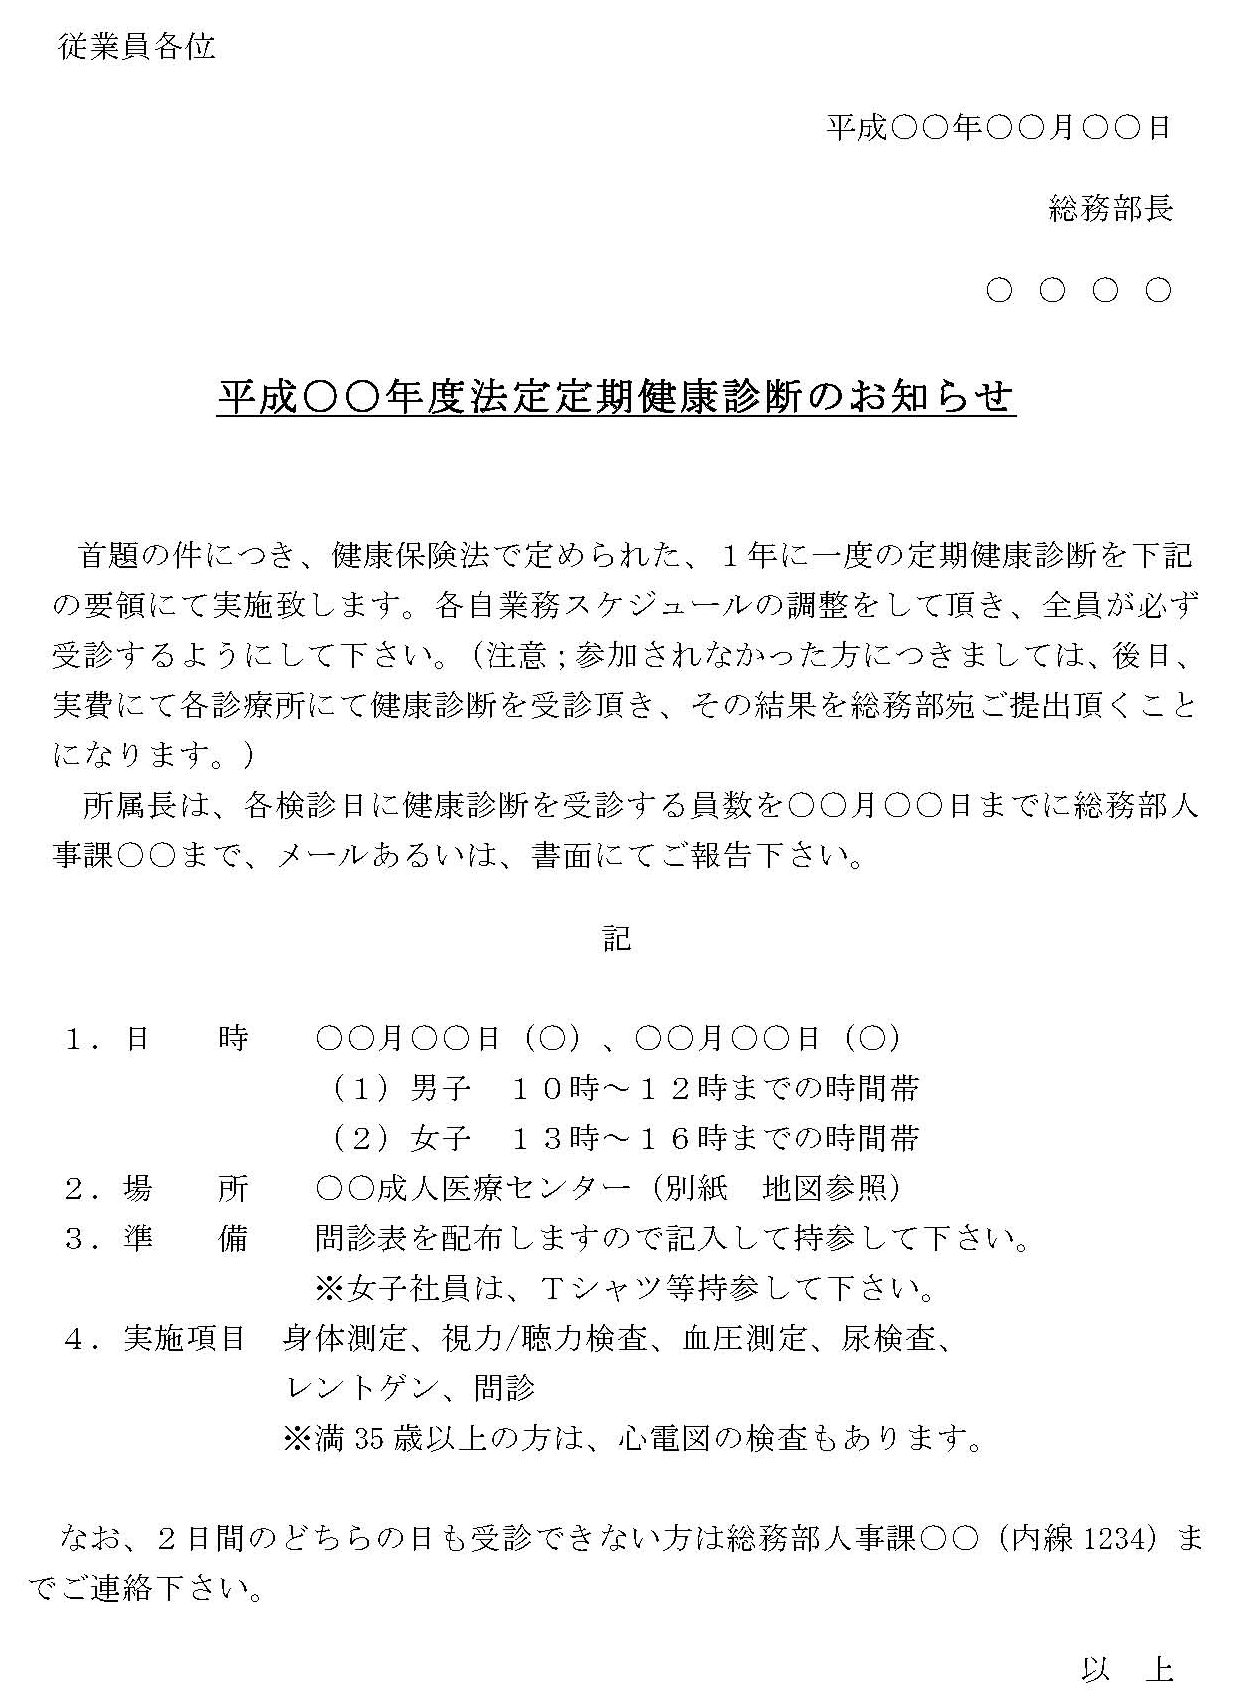 お知らせ(法定定期健康診断)